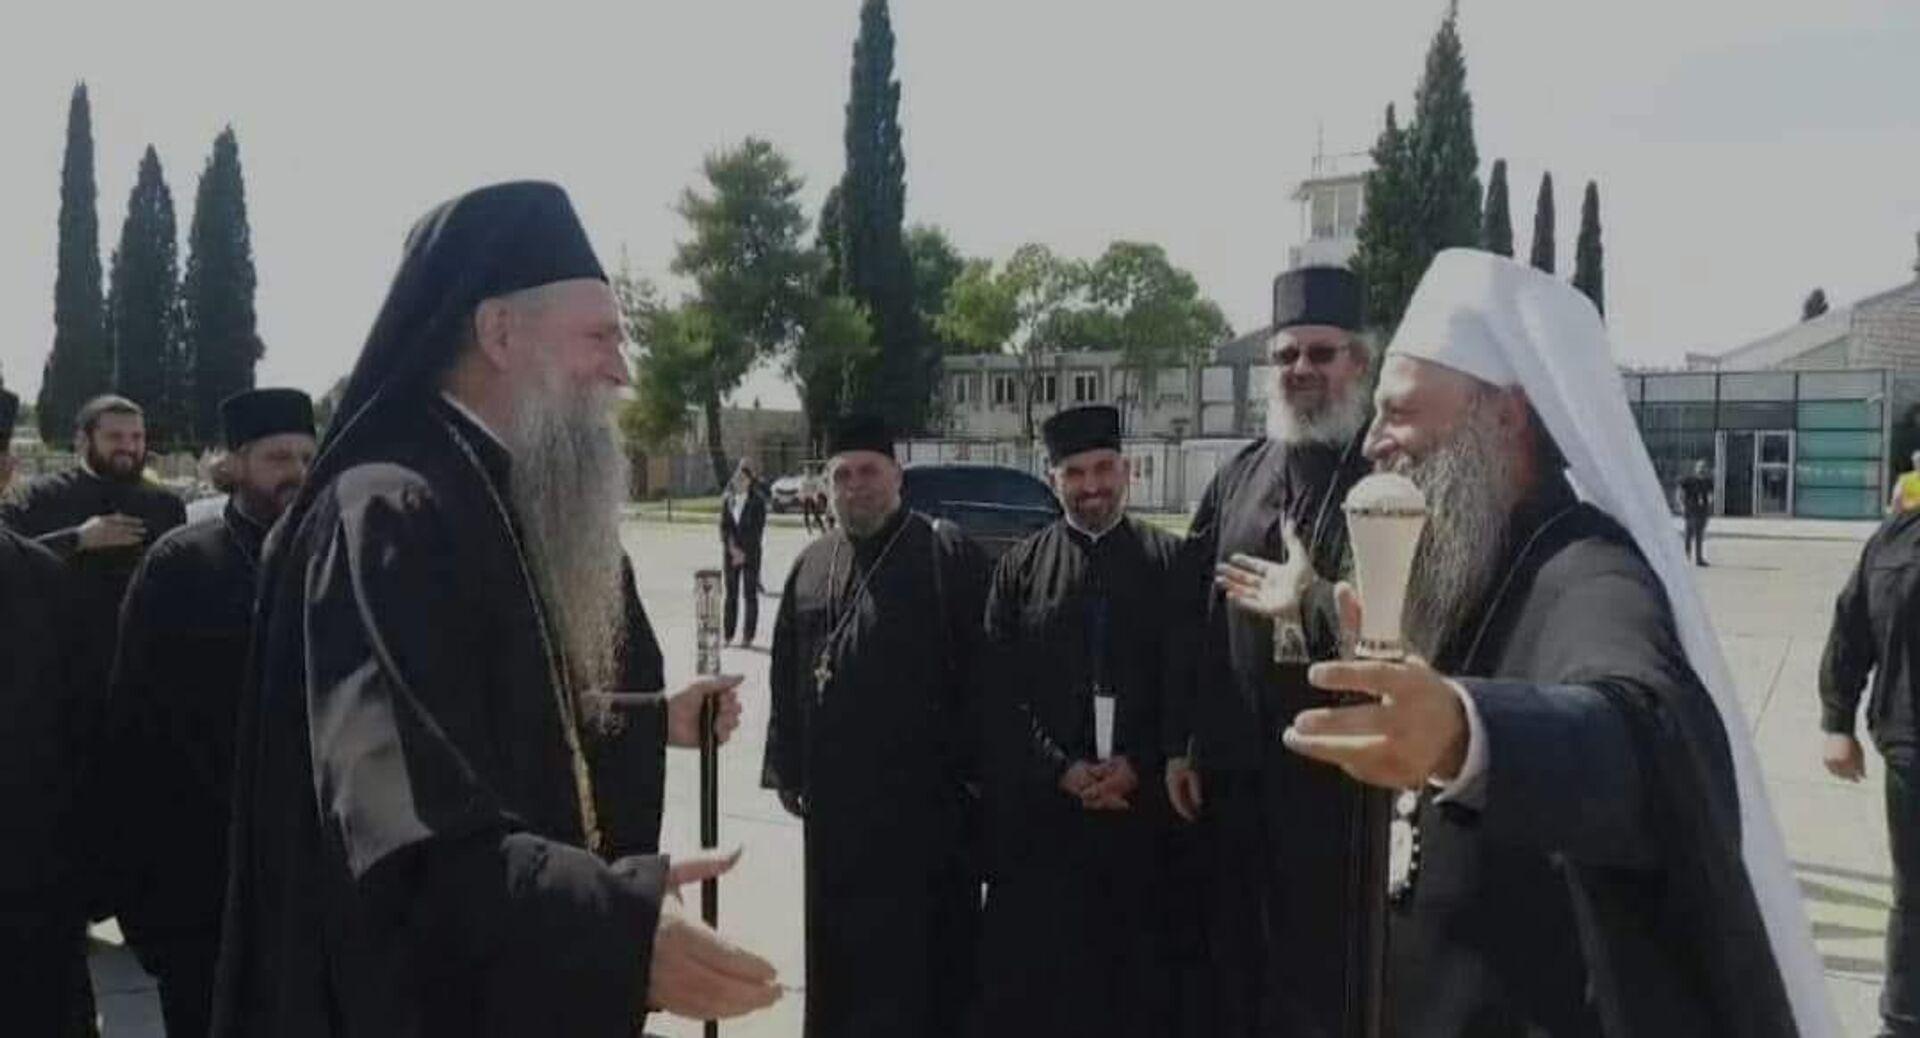 Митрополит Јоаникије дочекао патријарха Порфирија на аеродрому - Sputnik Србија, 1920, 04.09.2021